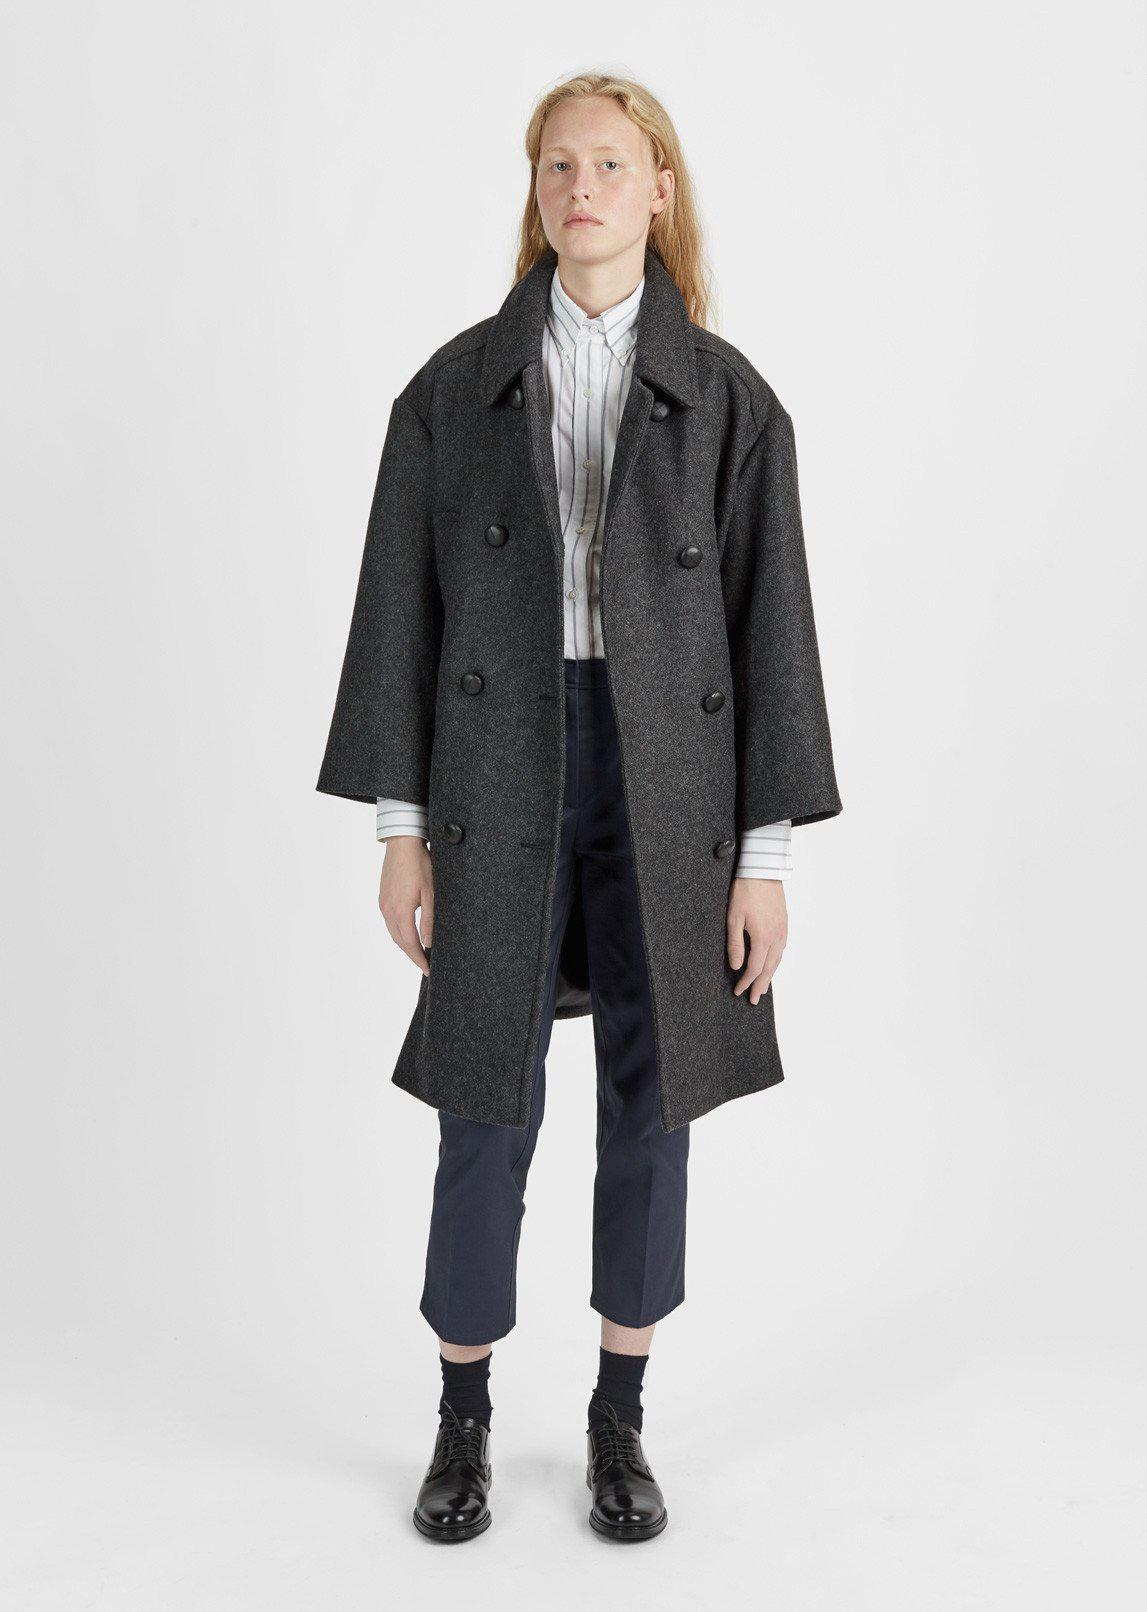 4506c1f7dcb7 Lyst - Étoile Isabel Marant Flicka Long Caban Coat in Black